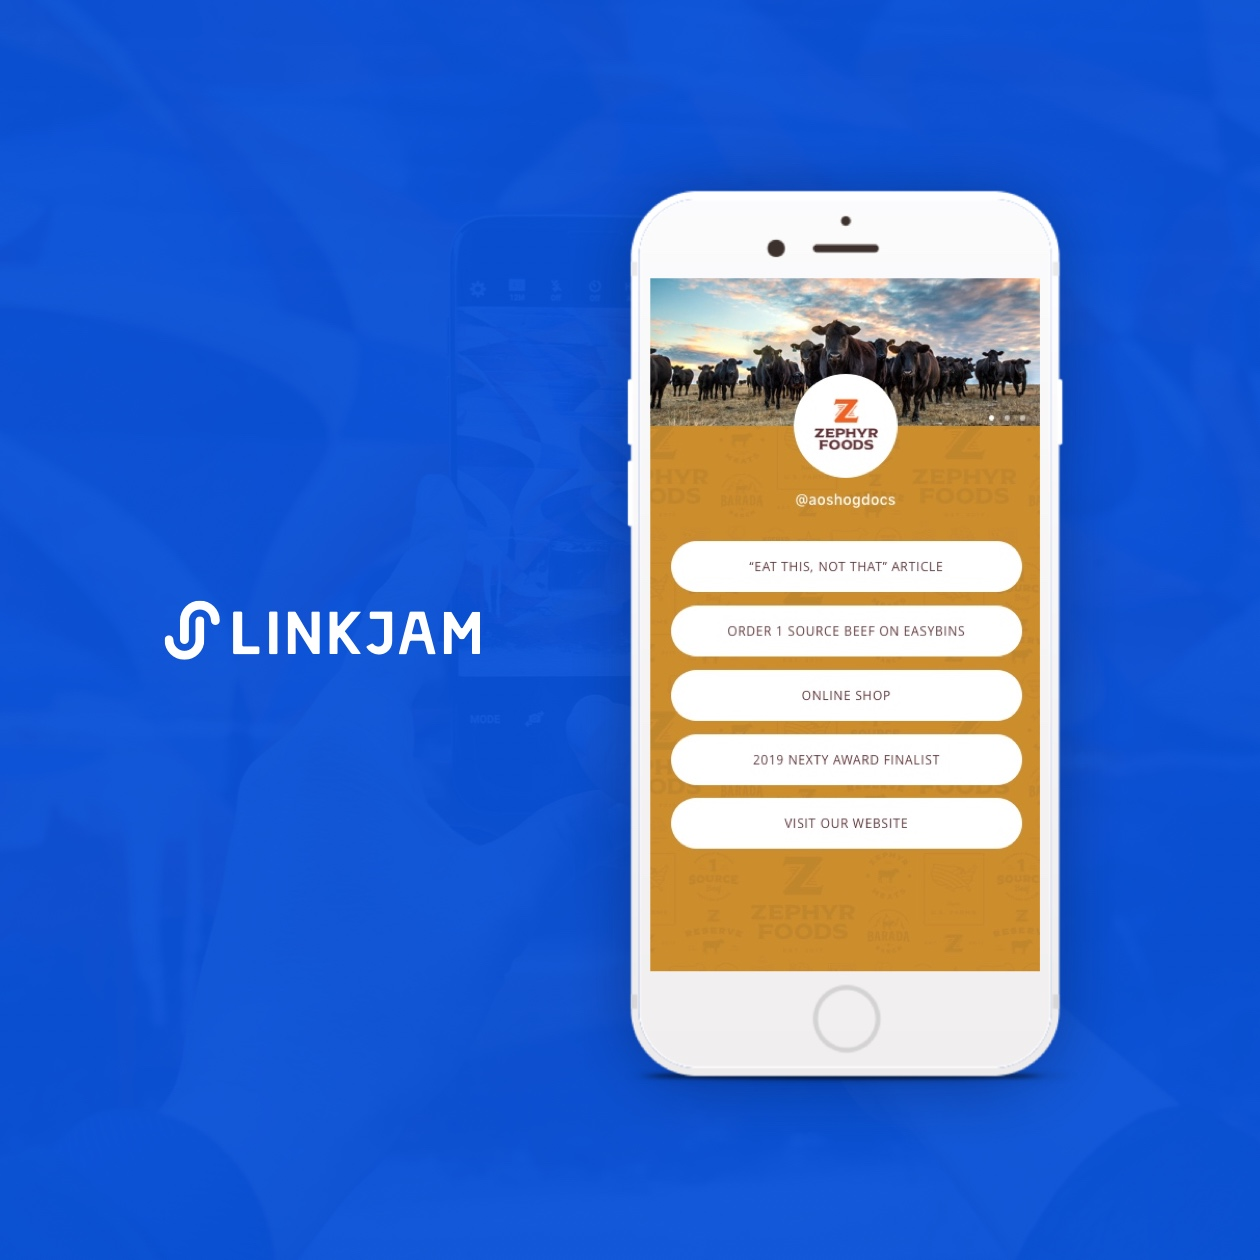 linkjam screenshot with zephyr foods